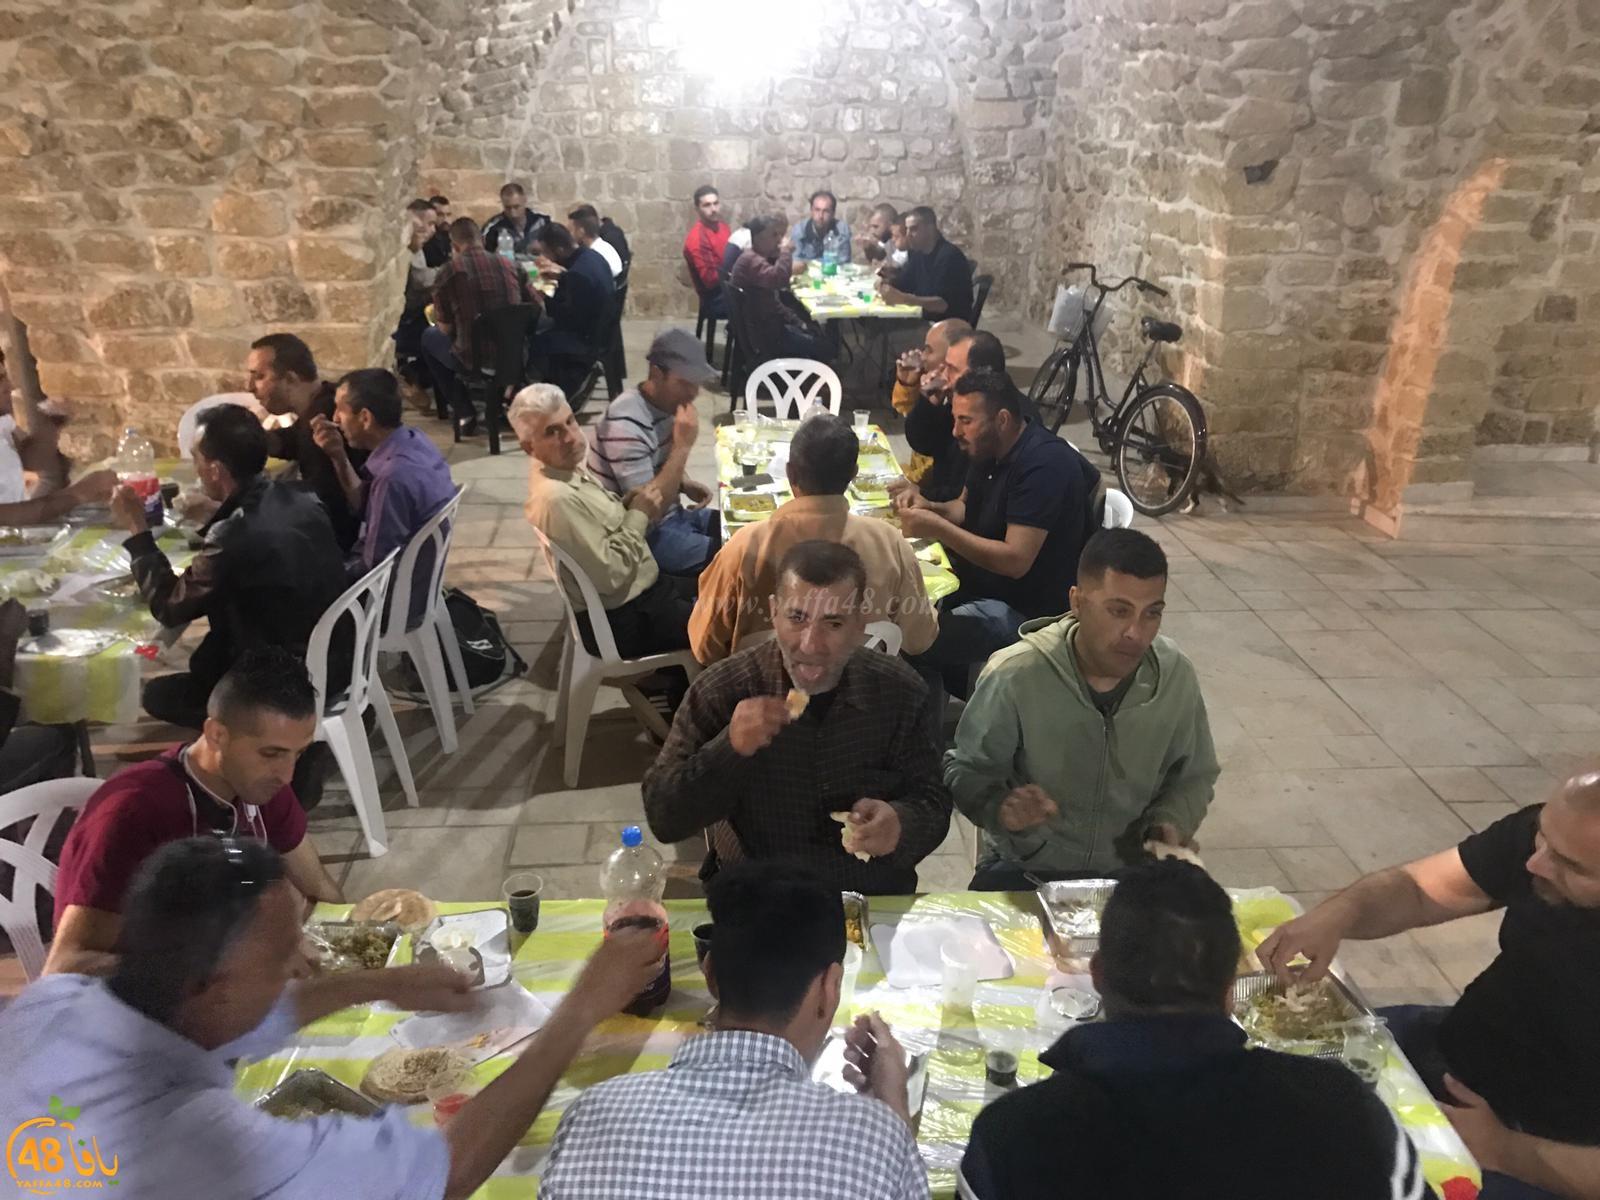 بالصور: إفطار جماعي في مسجد يافا الكبير المحمودية ضمن مشروع إفطار صائم السنوي